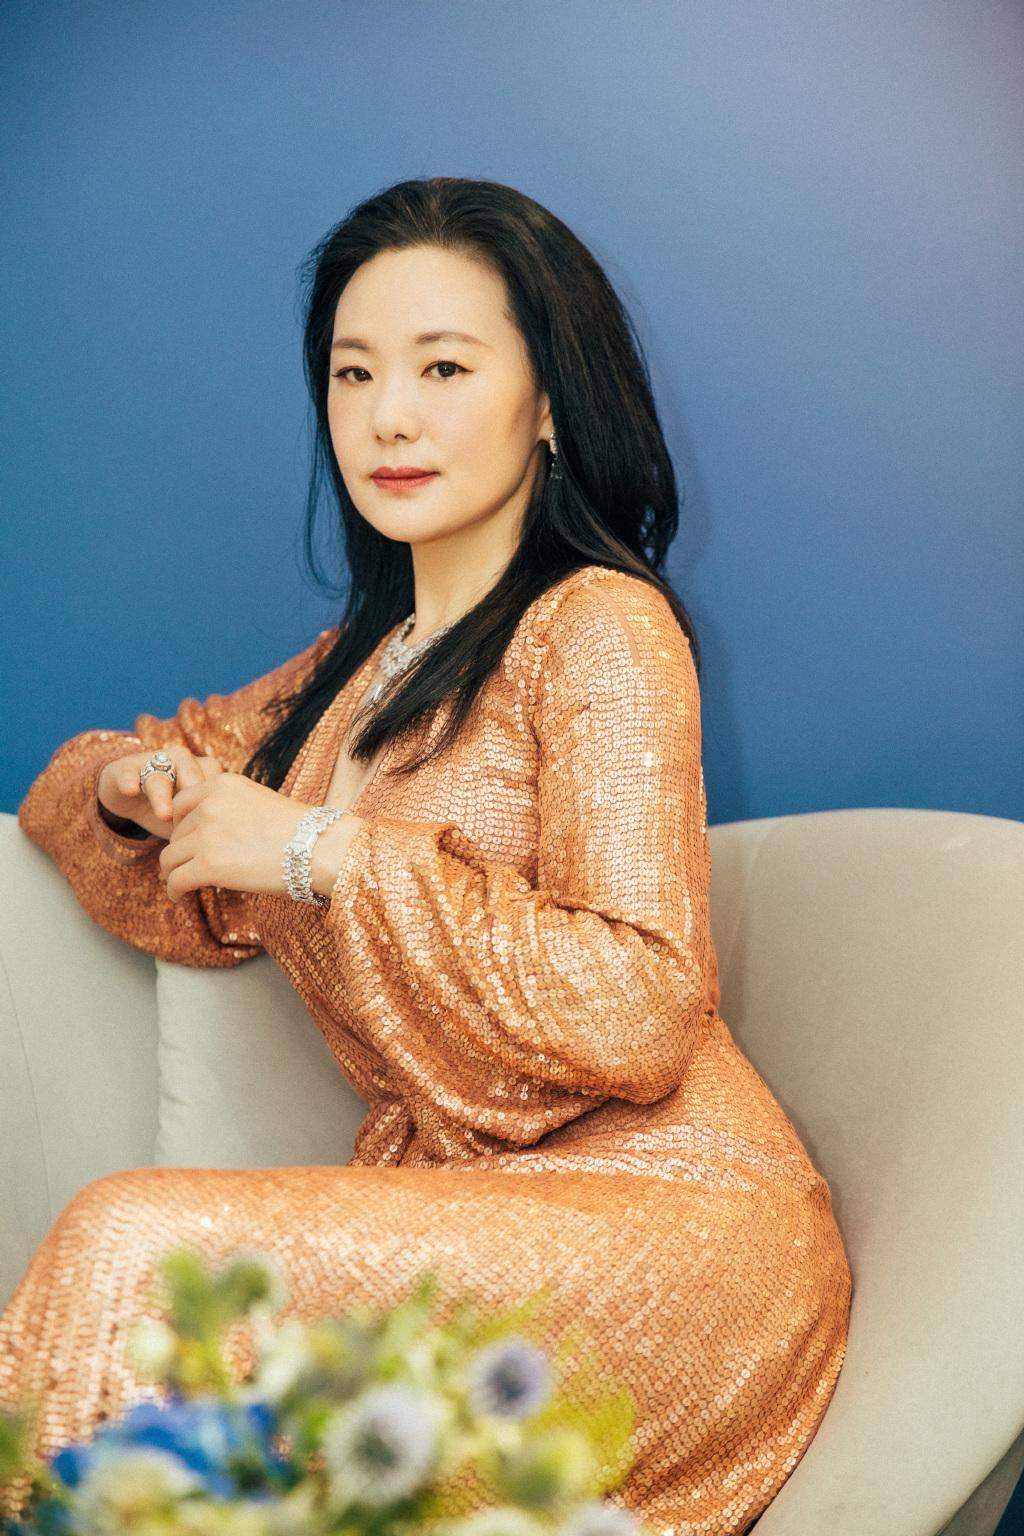 原创             50岁的咏梅气质怡人,有皱纹也美得从容,穿白色斗篷裙淡雅高贵